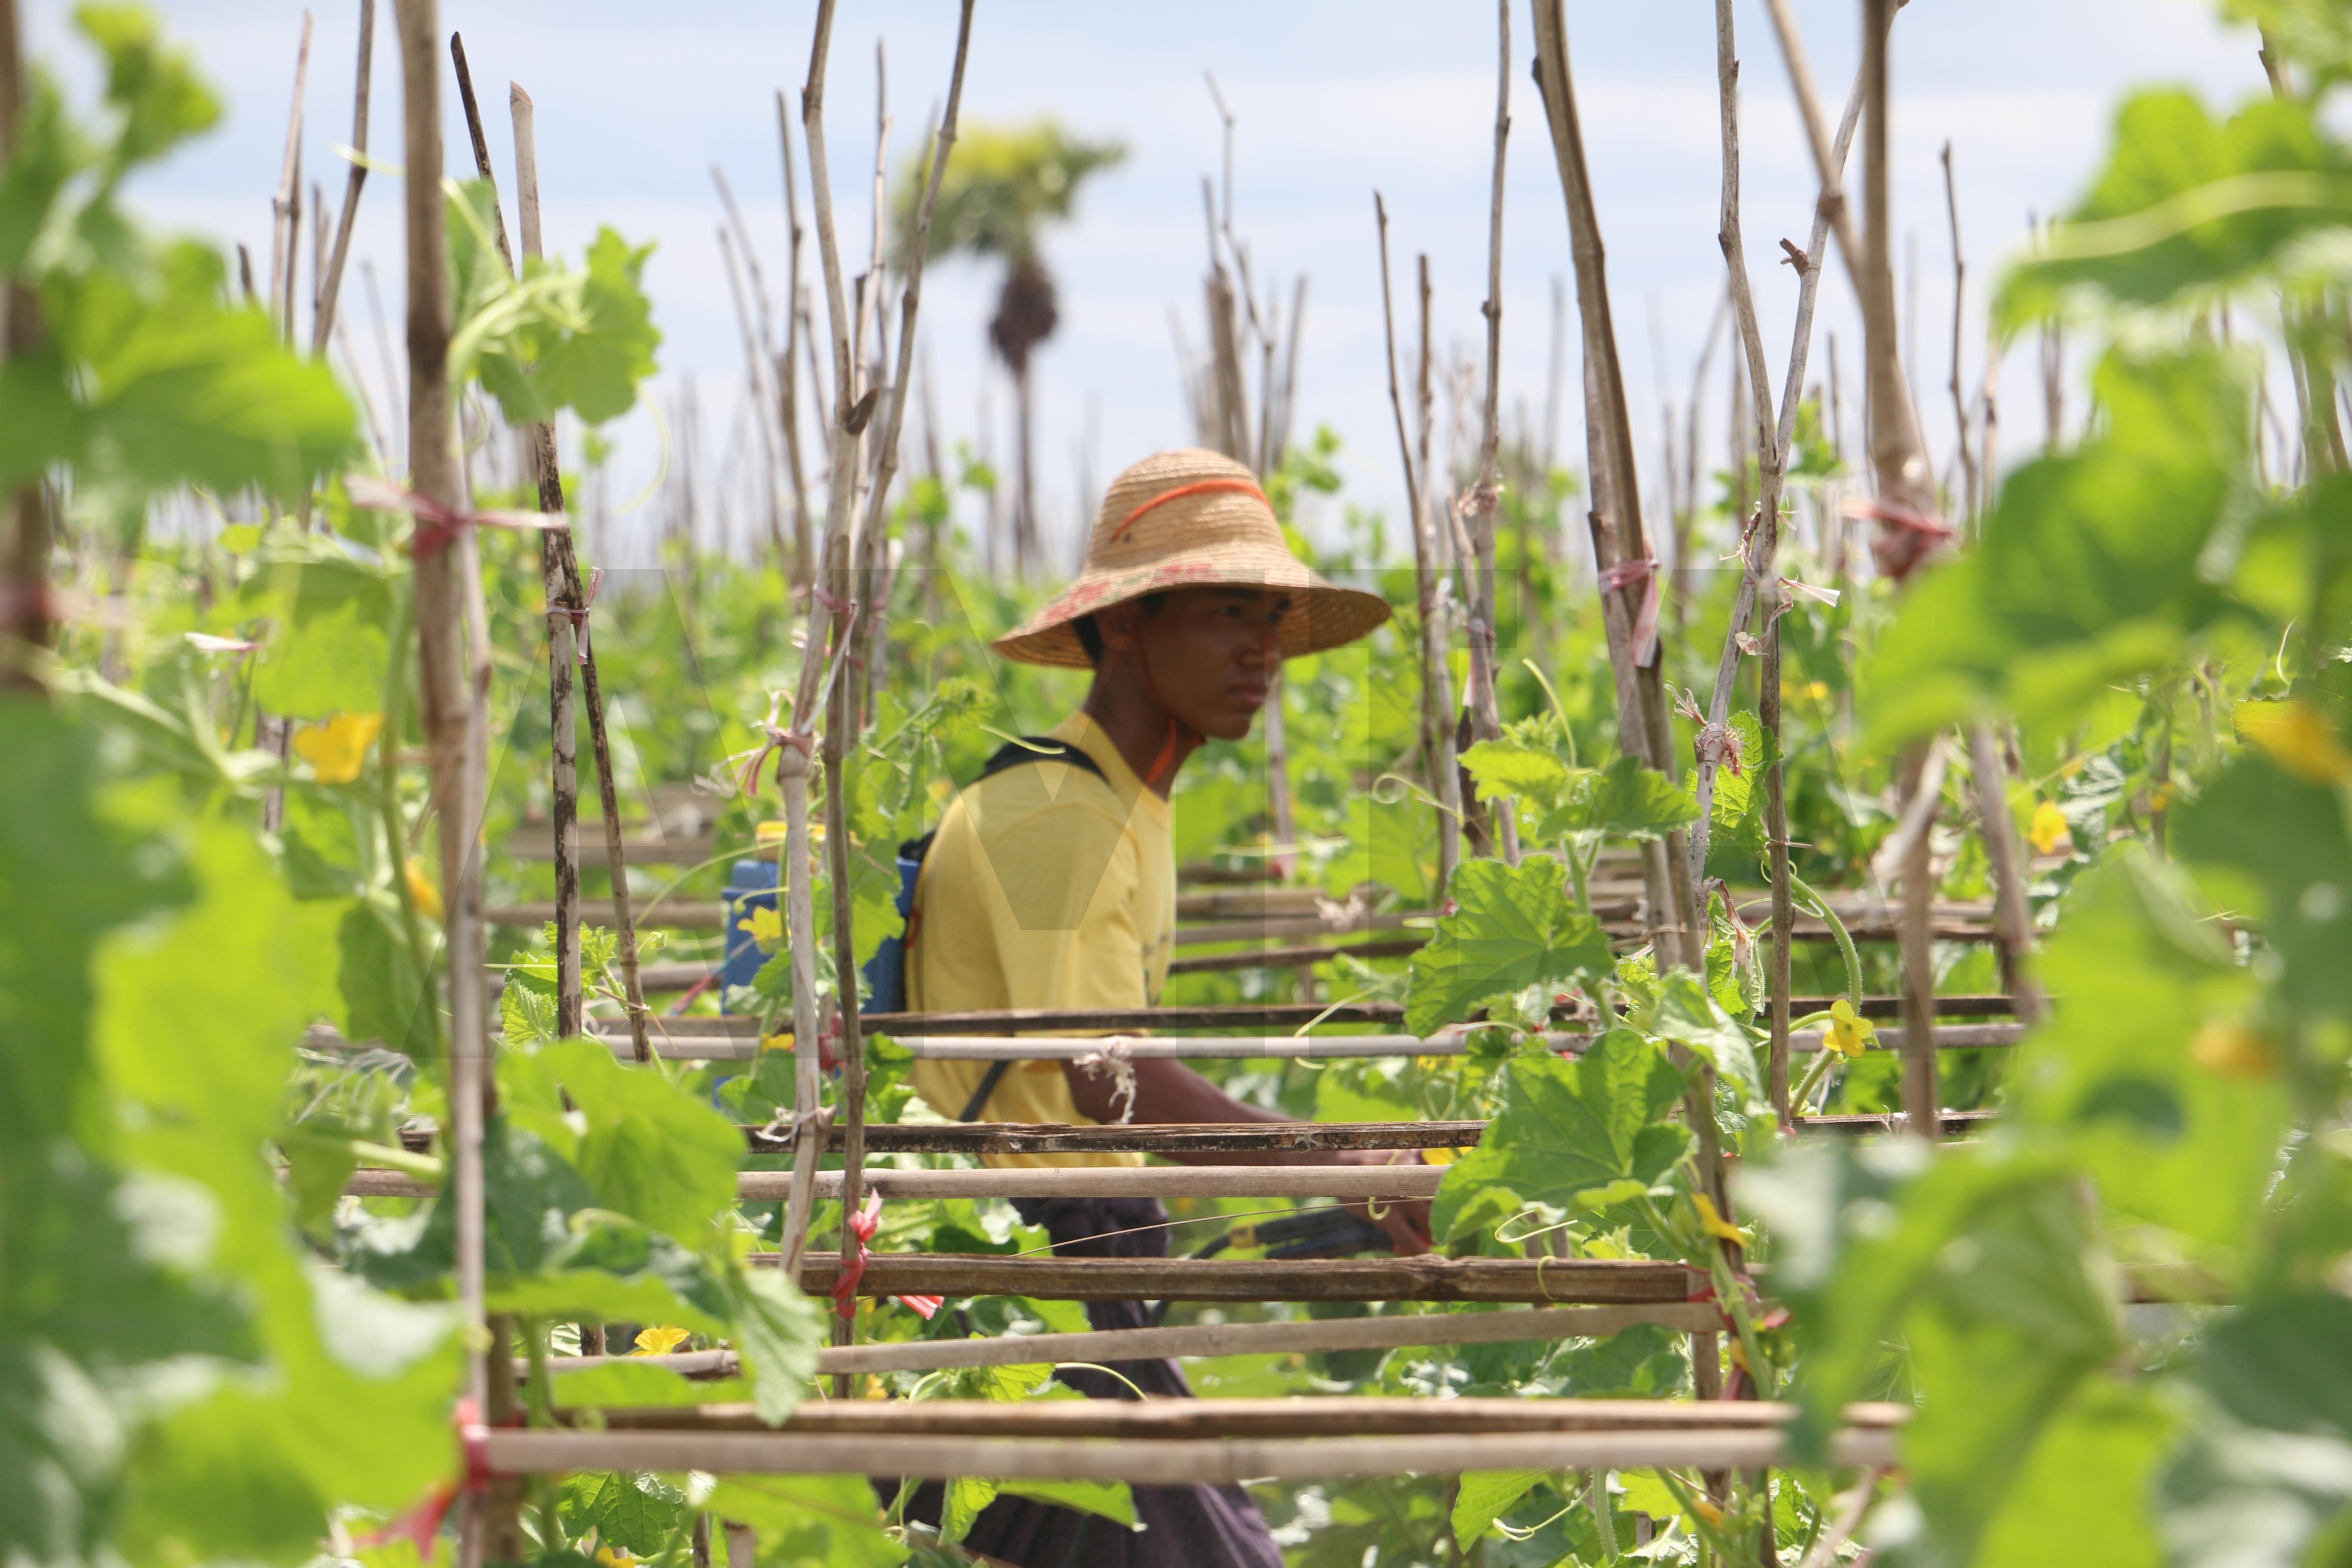 နယ်သာလန်နိုင်ငံ AERES Group နှင့် စိုက်ပျိုးရေး သိပ္ပံများဖွံ့ဖြိုးရေးနှင့် စိုက်ပျိုးရေးကောလိပ် ဖွင့်လှစ်သင်ကြားရေး ဆွေးနွေးထား